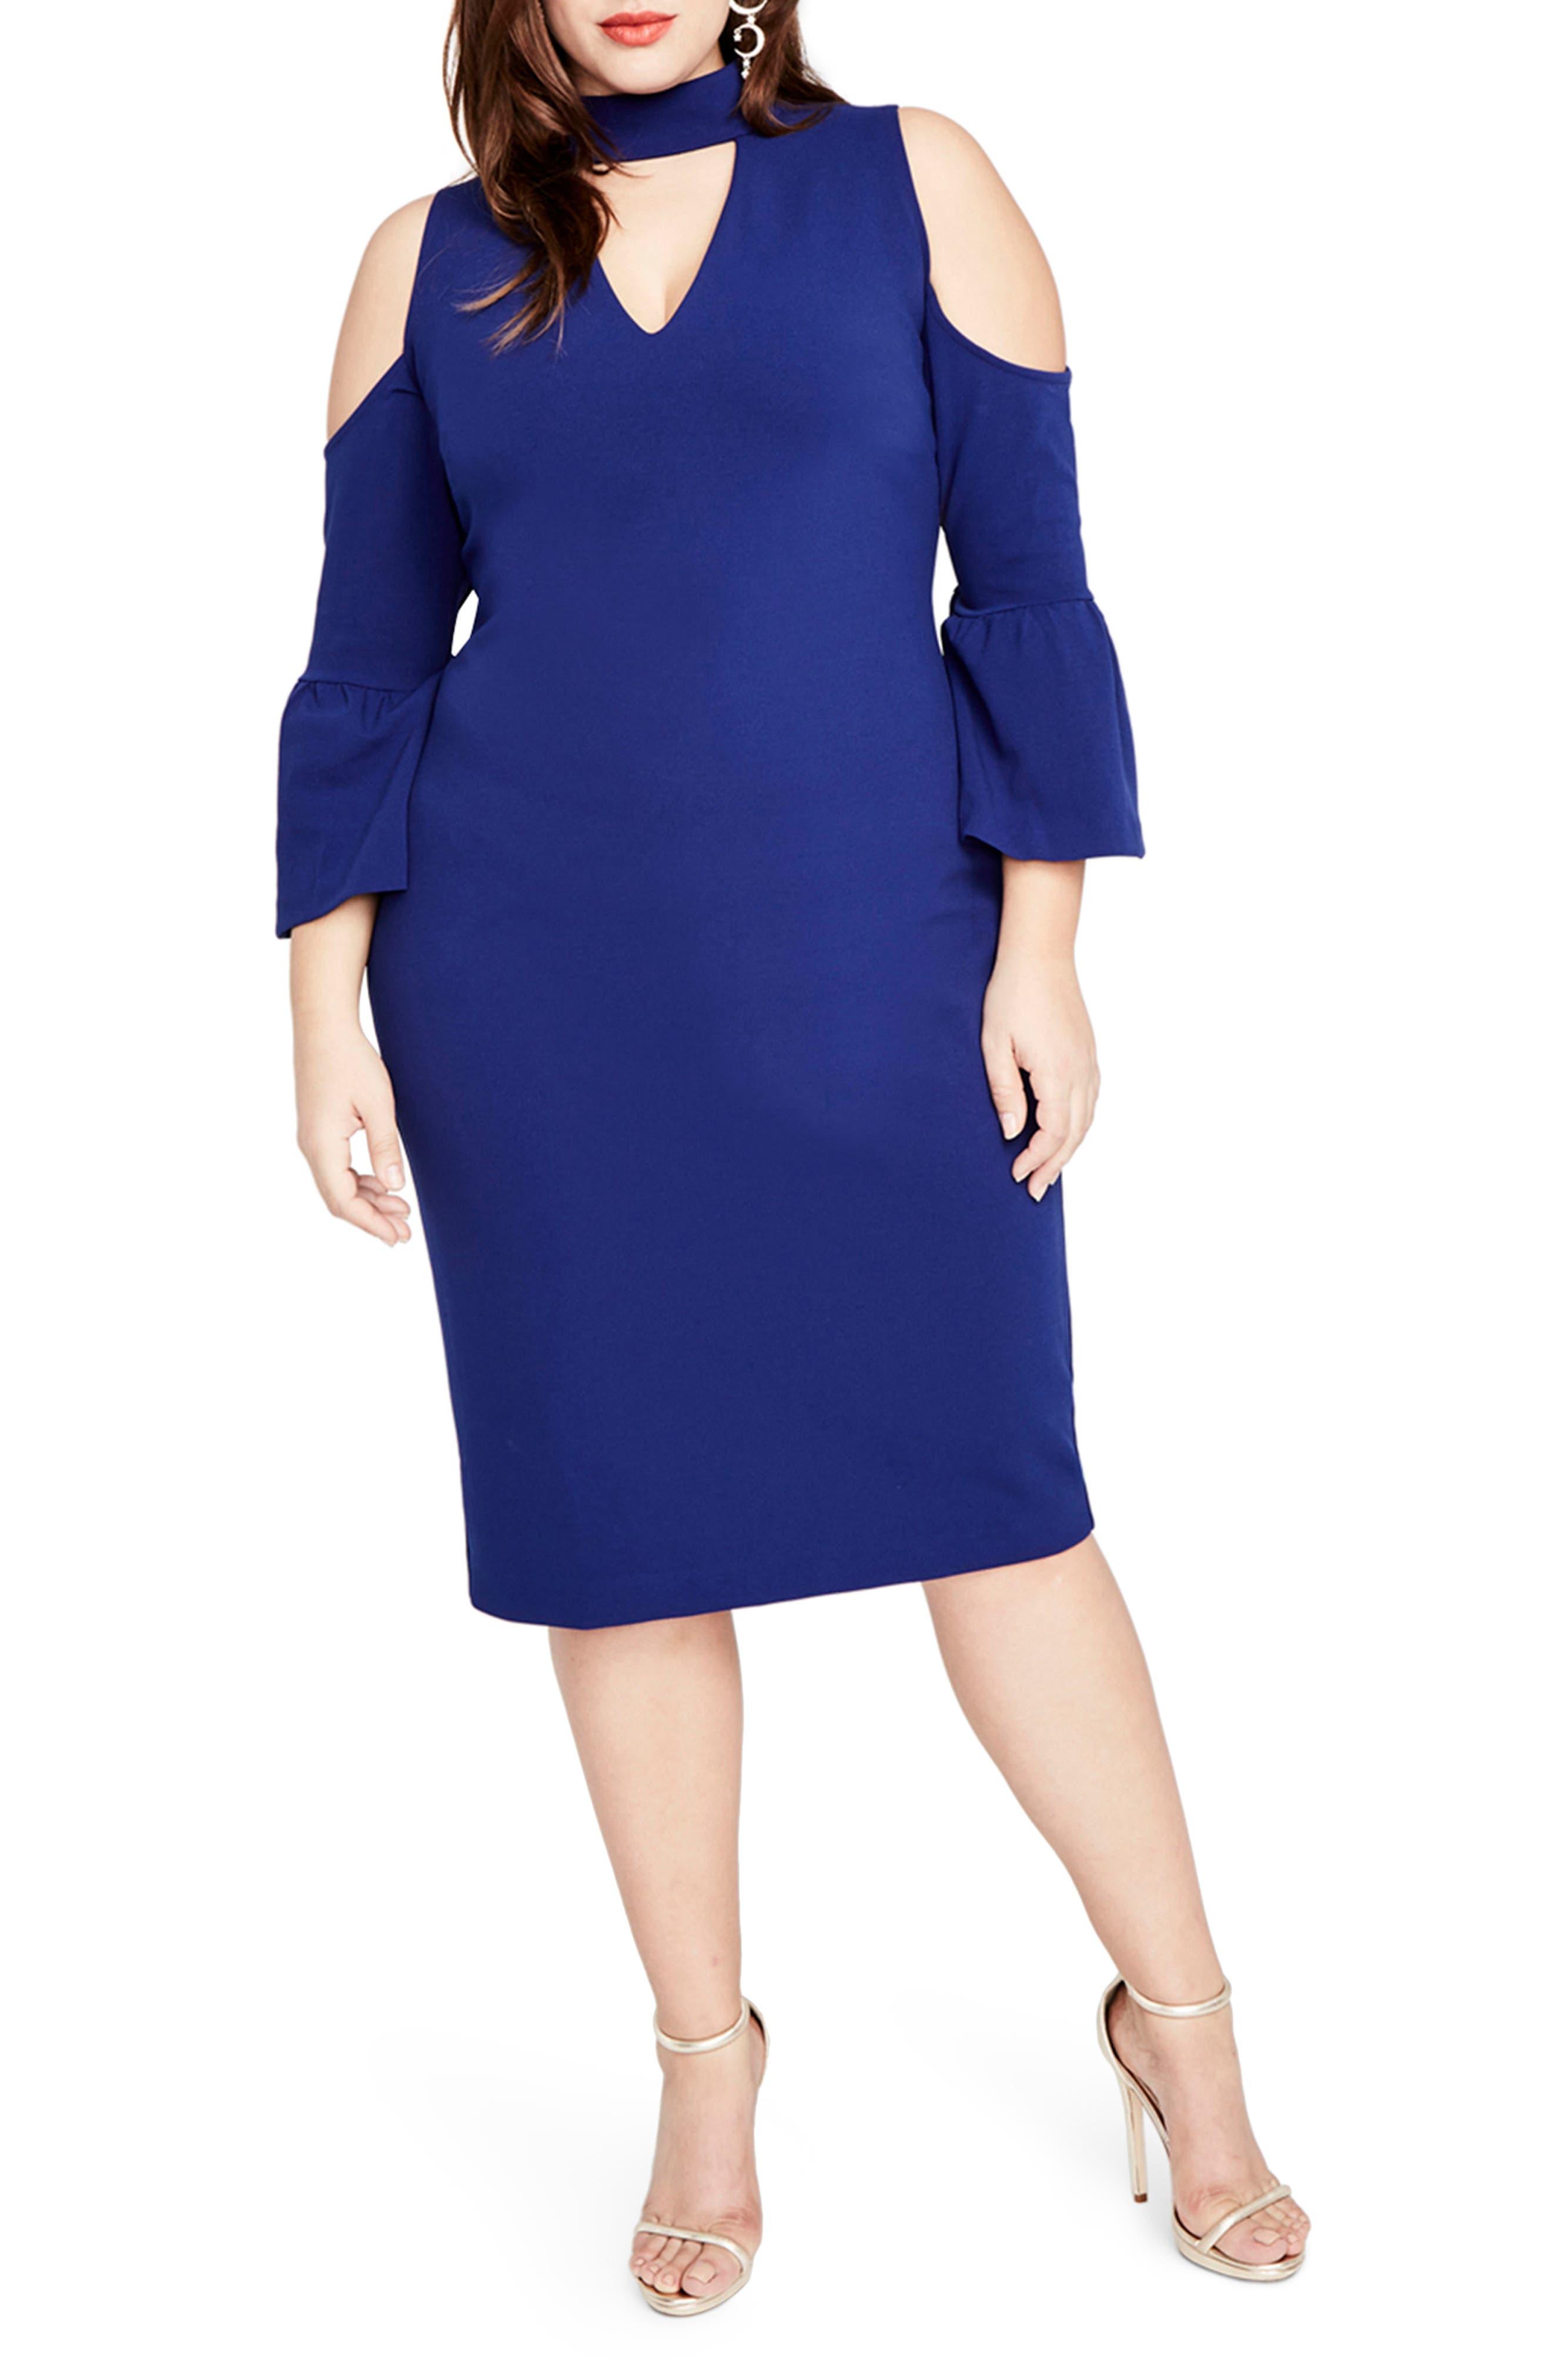 Main Image - RACHEL Rachel Roy Cold Shoulder Choker Neck Dress (Plus Size)